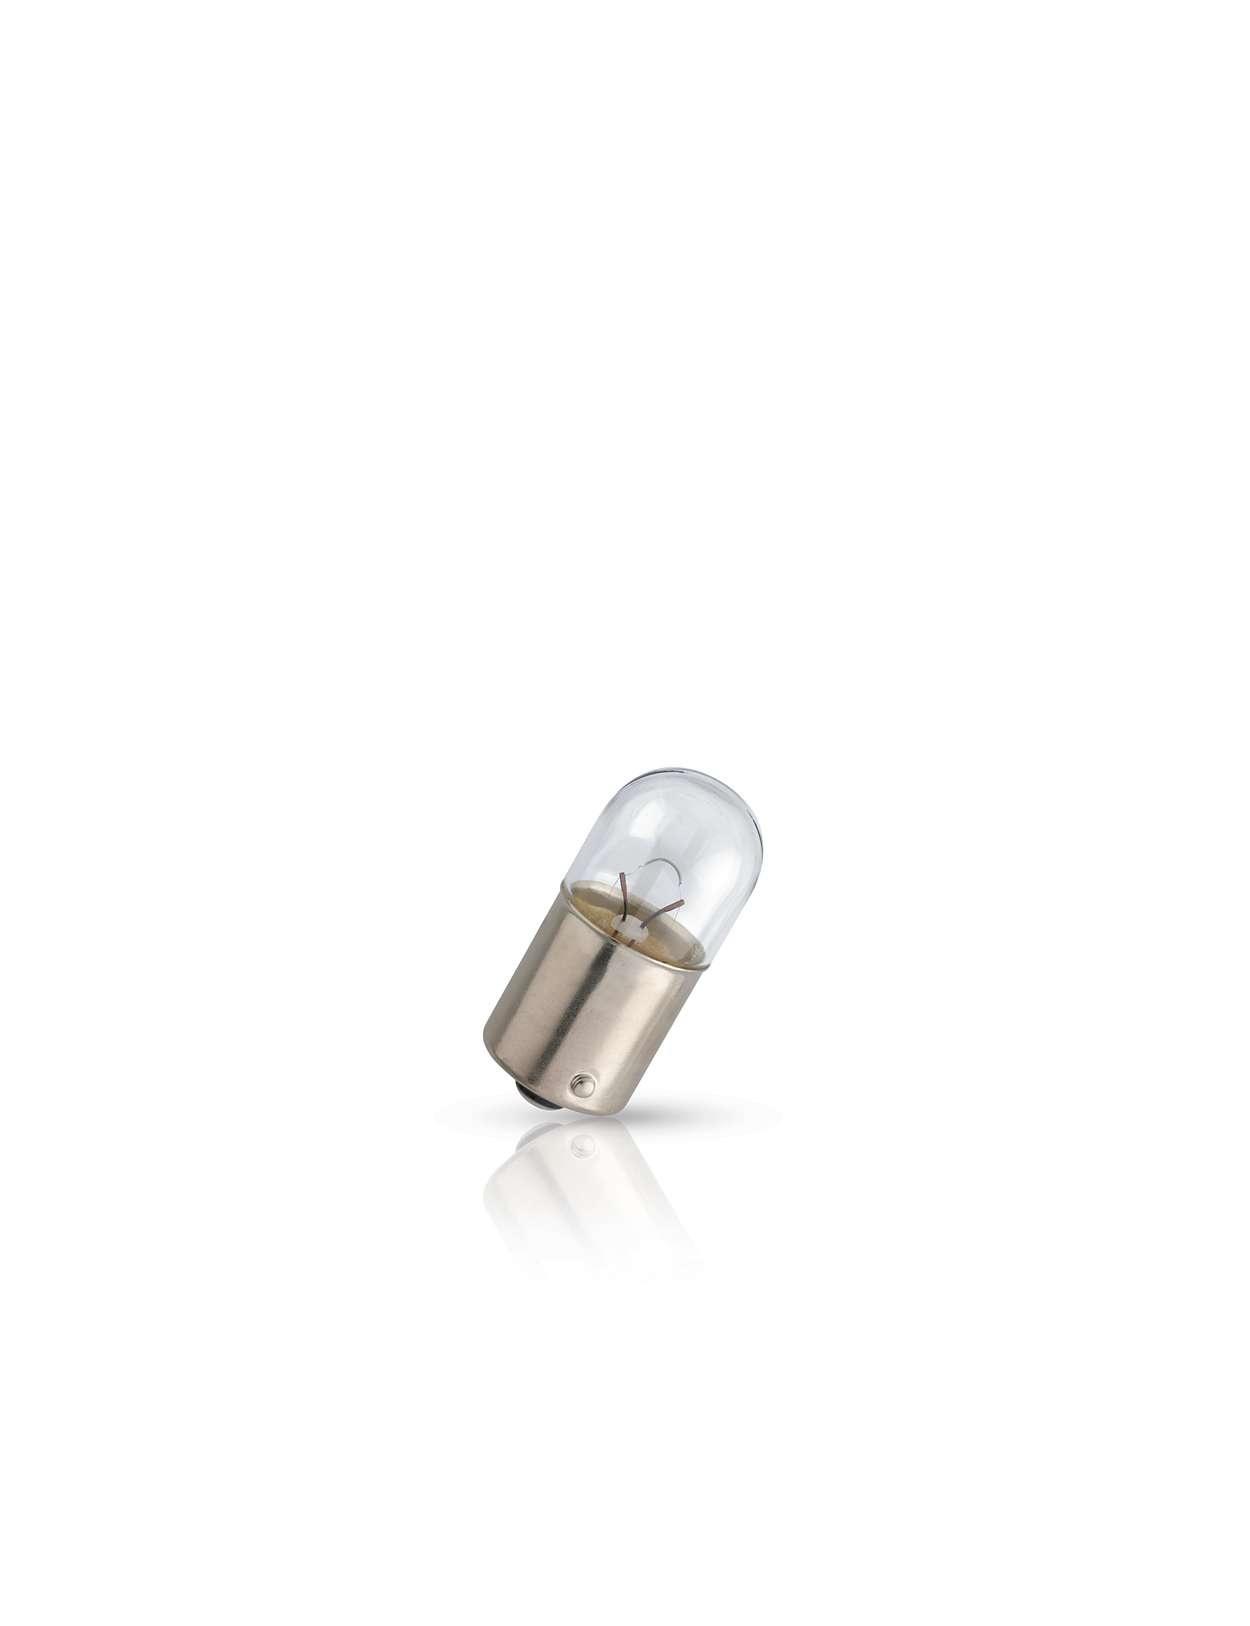 Лампа автомобильная Philips 12821llecob2 (бл.) лампа автомобильная philips 13844b2 бл 2